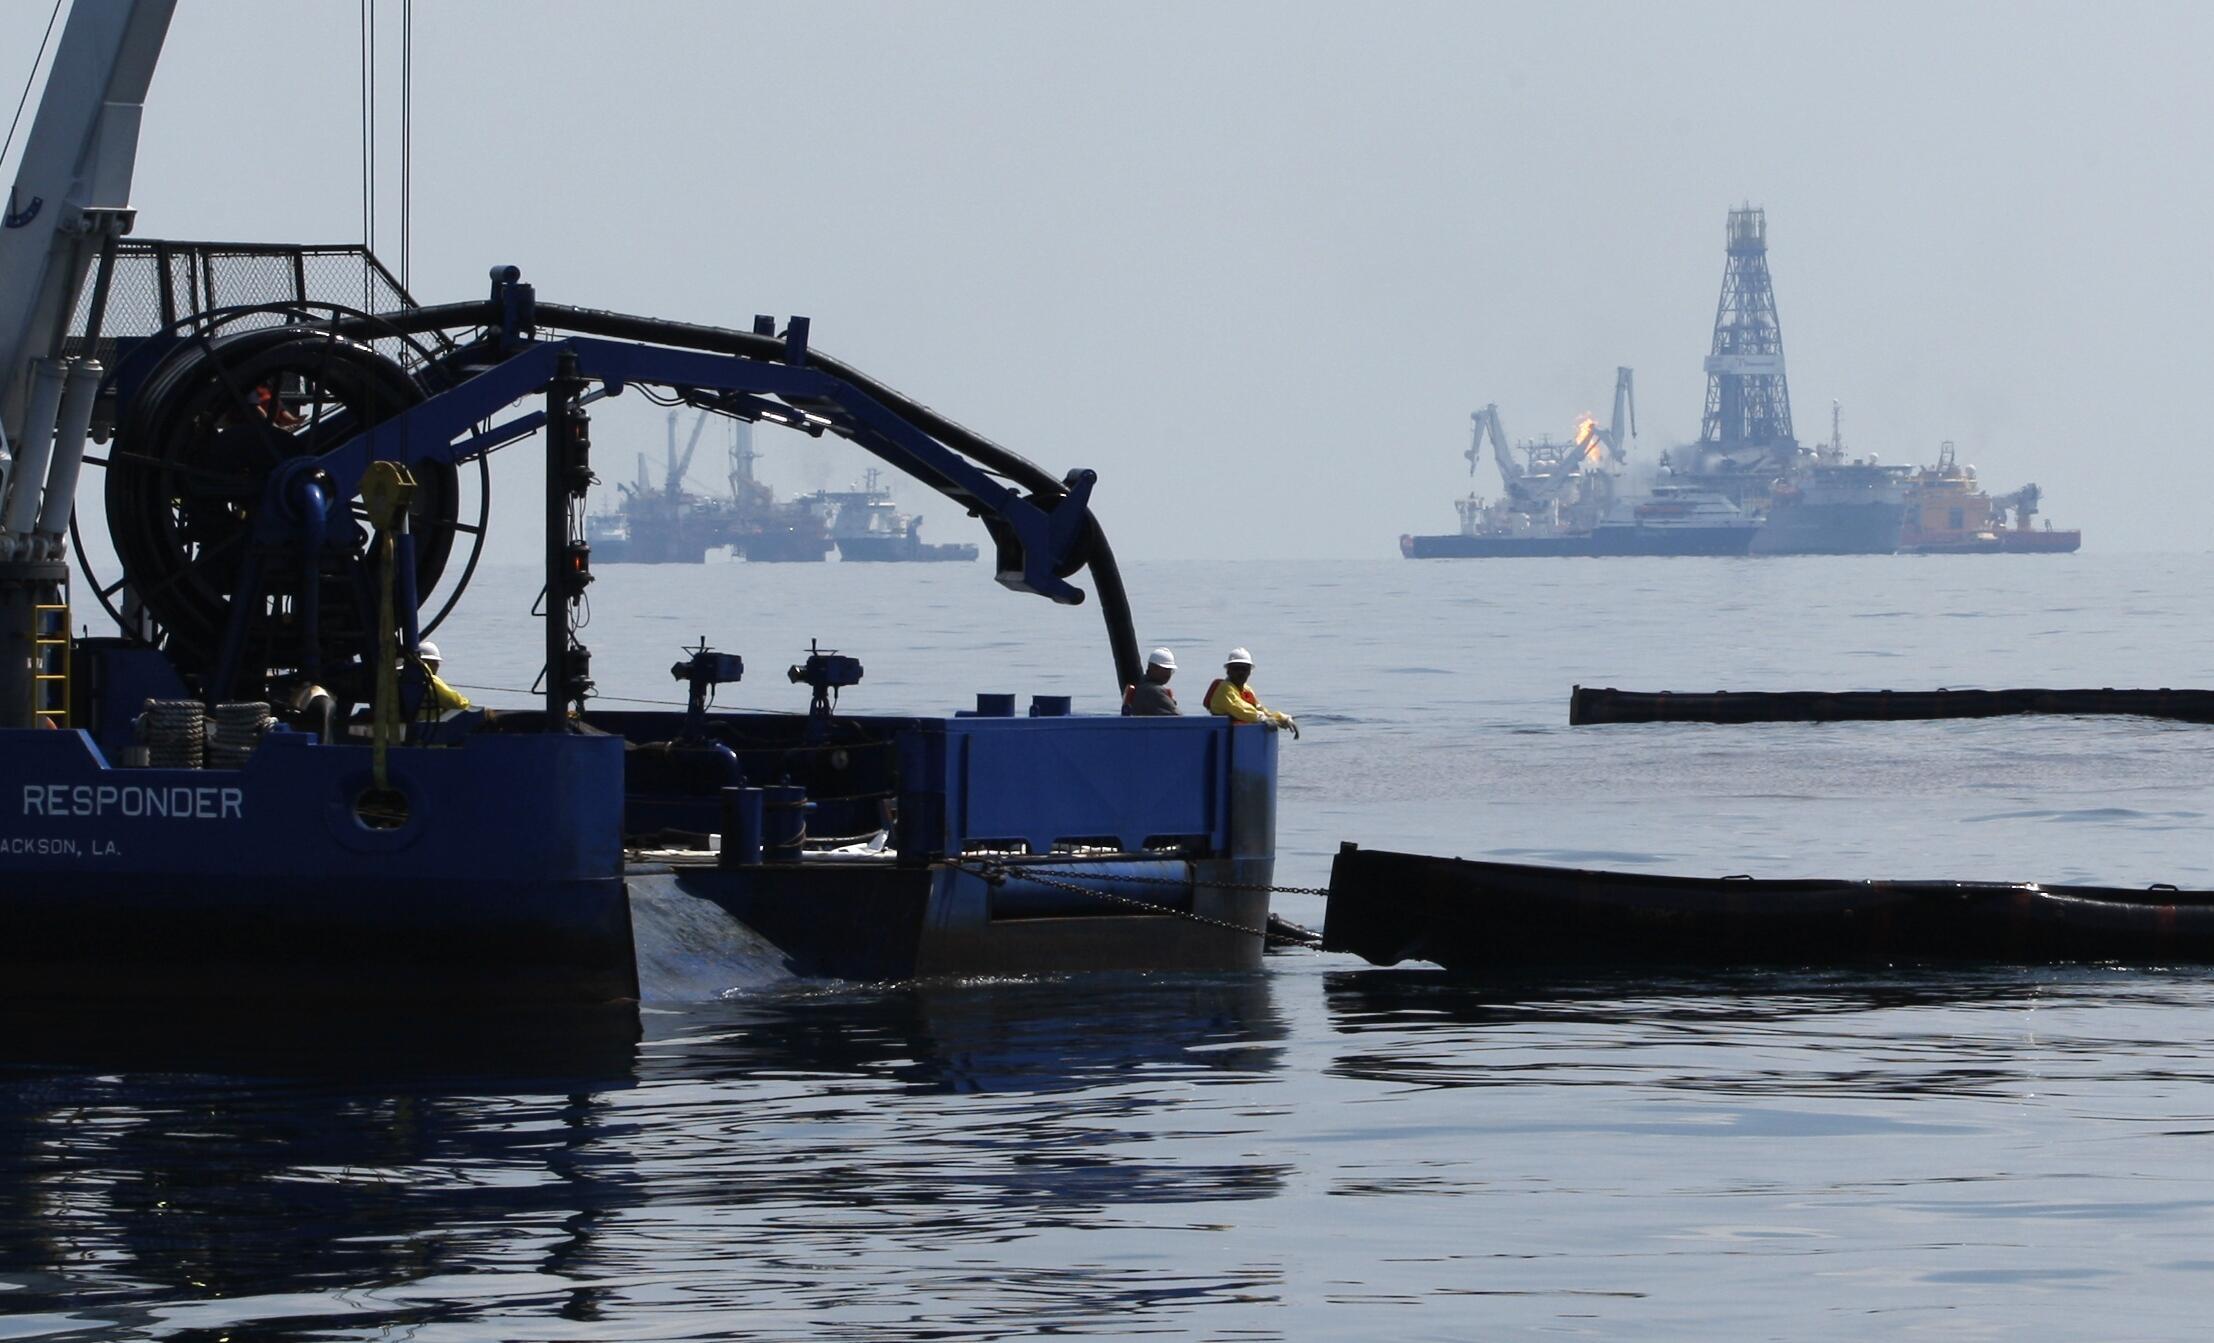 Боновые заграждения неподалеку от нефтяной платформы в Мексиканском заливе.